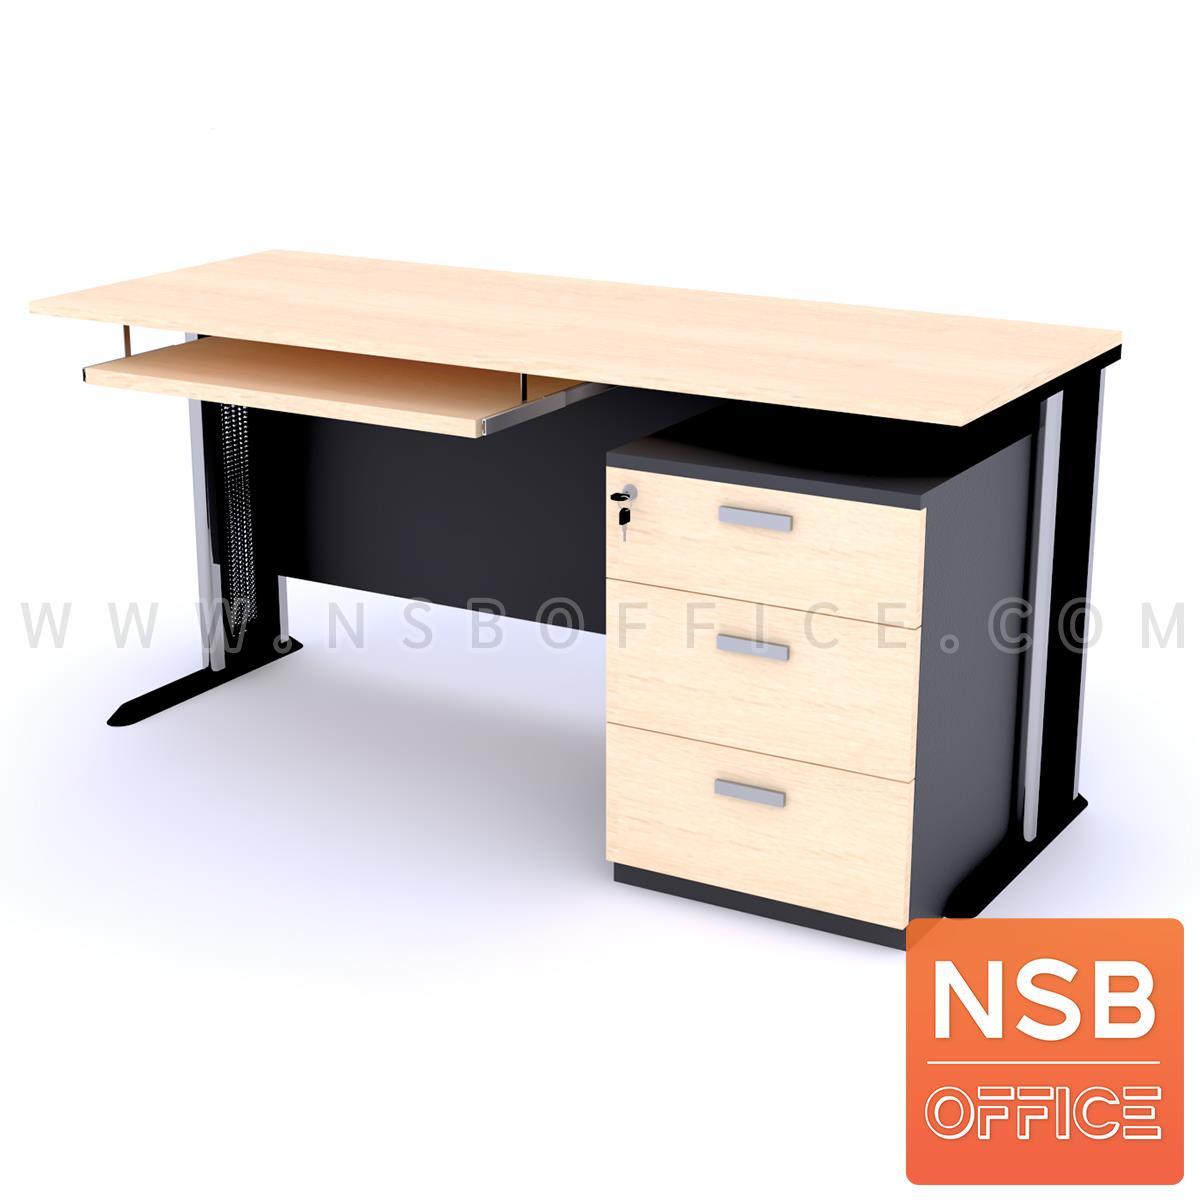 โต๊ะคอมพิวเตอร์ 3 ลิ้นชัก พร้อมรางคีย์บอร์ด รุ่น MODERN-2 ขนาด 120W ,150W cm. (*60D)